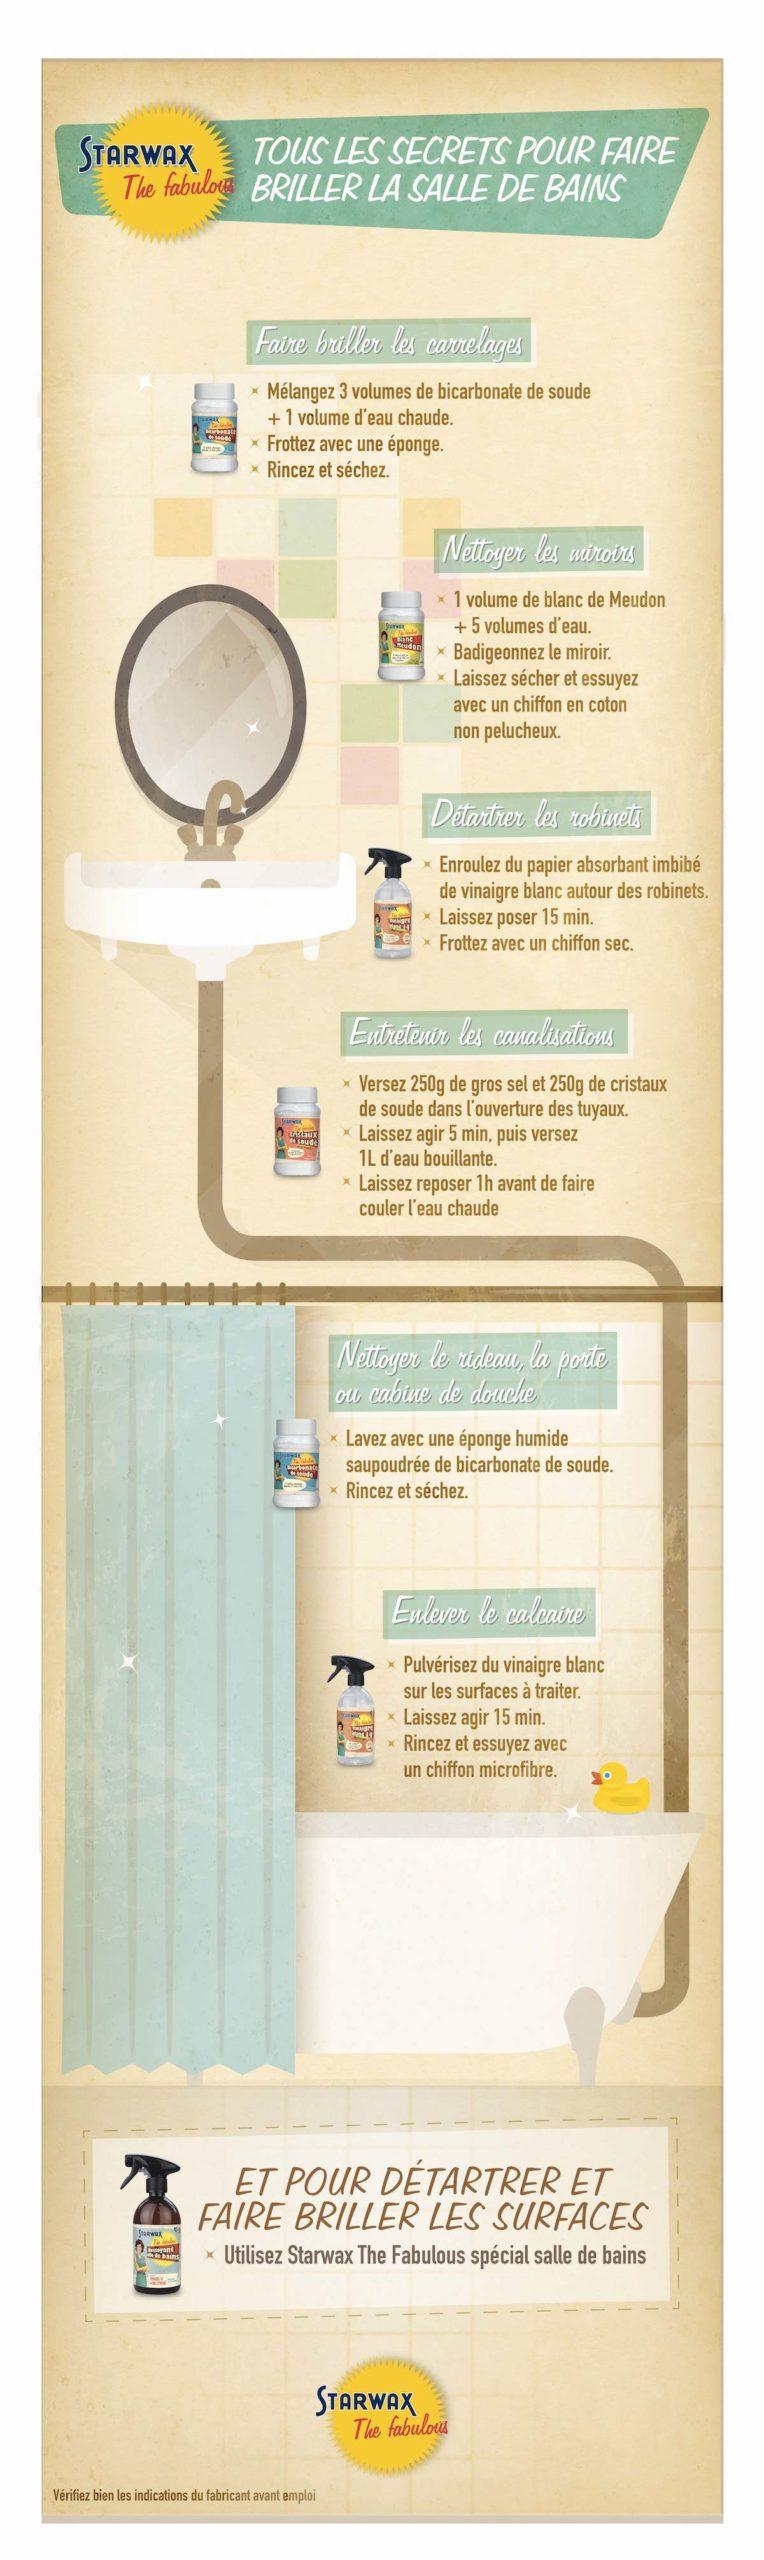 infographie nettoyage salle de bain produit ménager écolo recette bio maison mama wax astuce écoresponsable